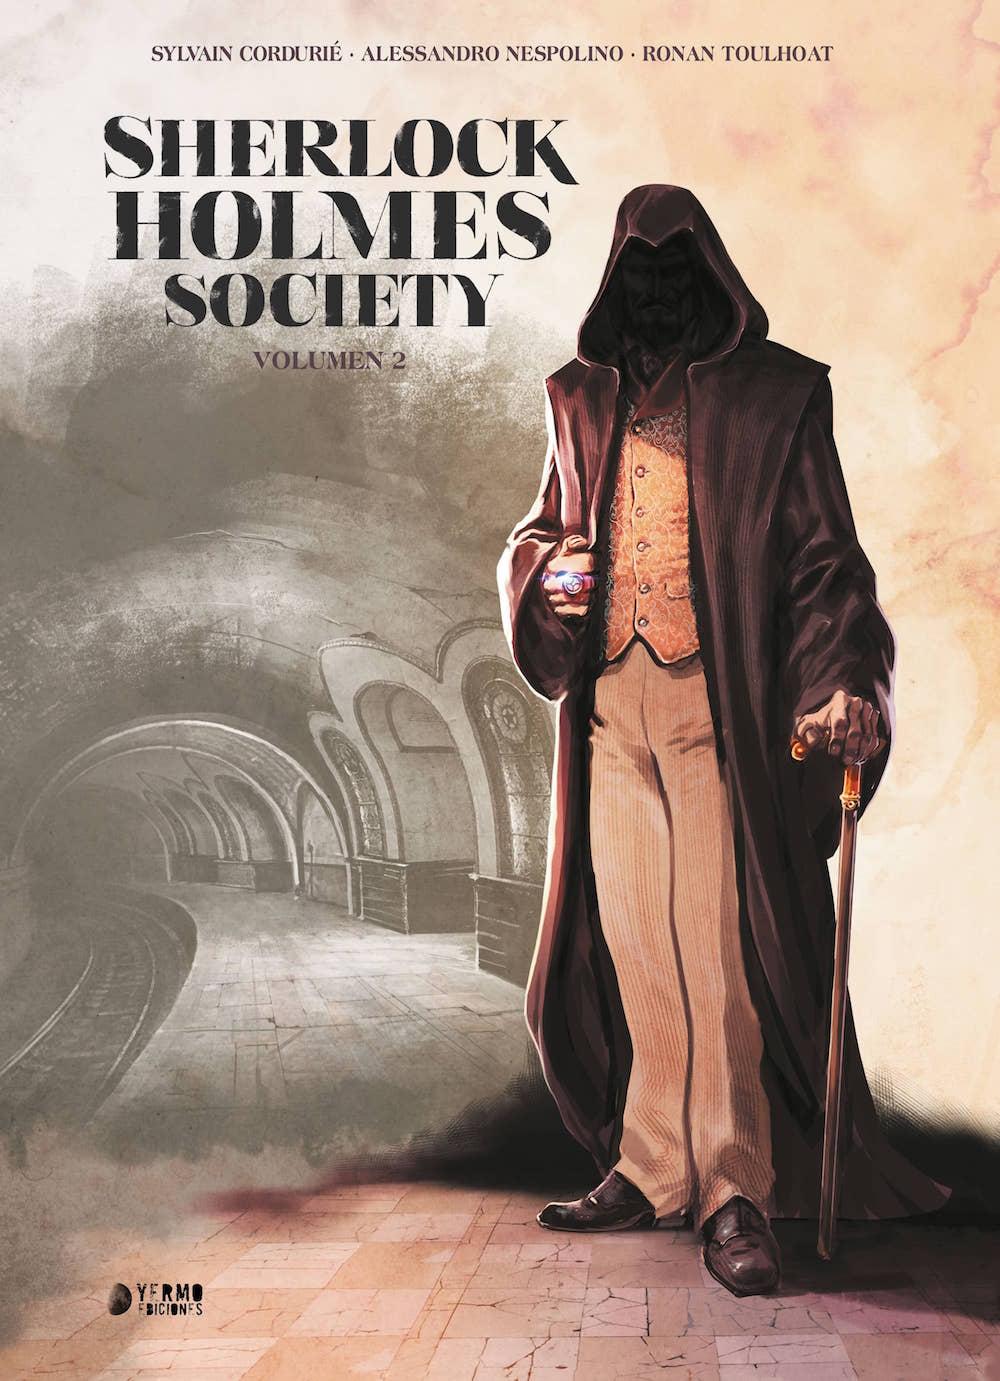 SHERLOCK HOLMES SOCIETY 02